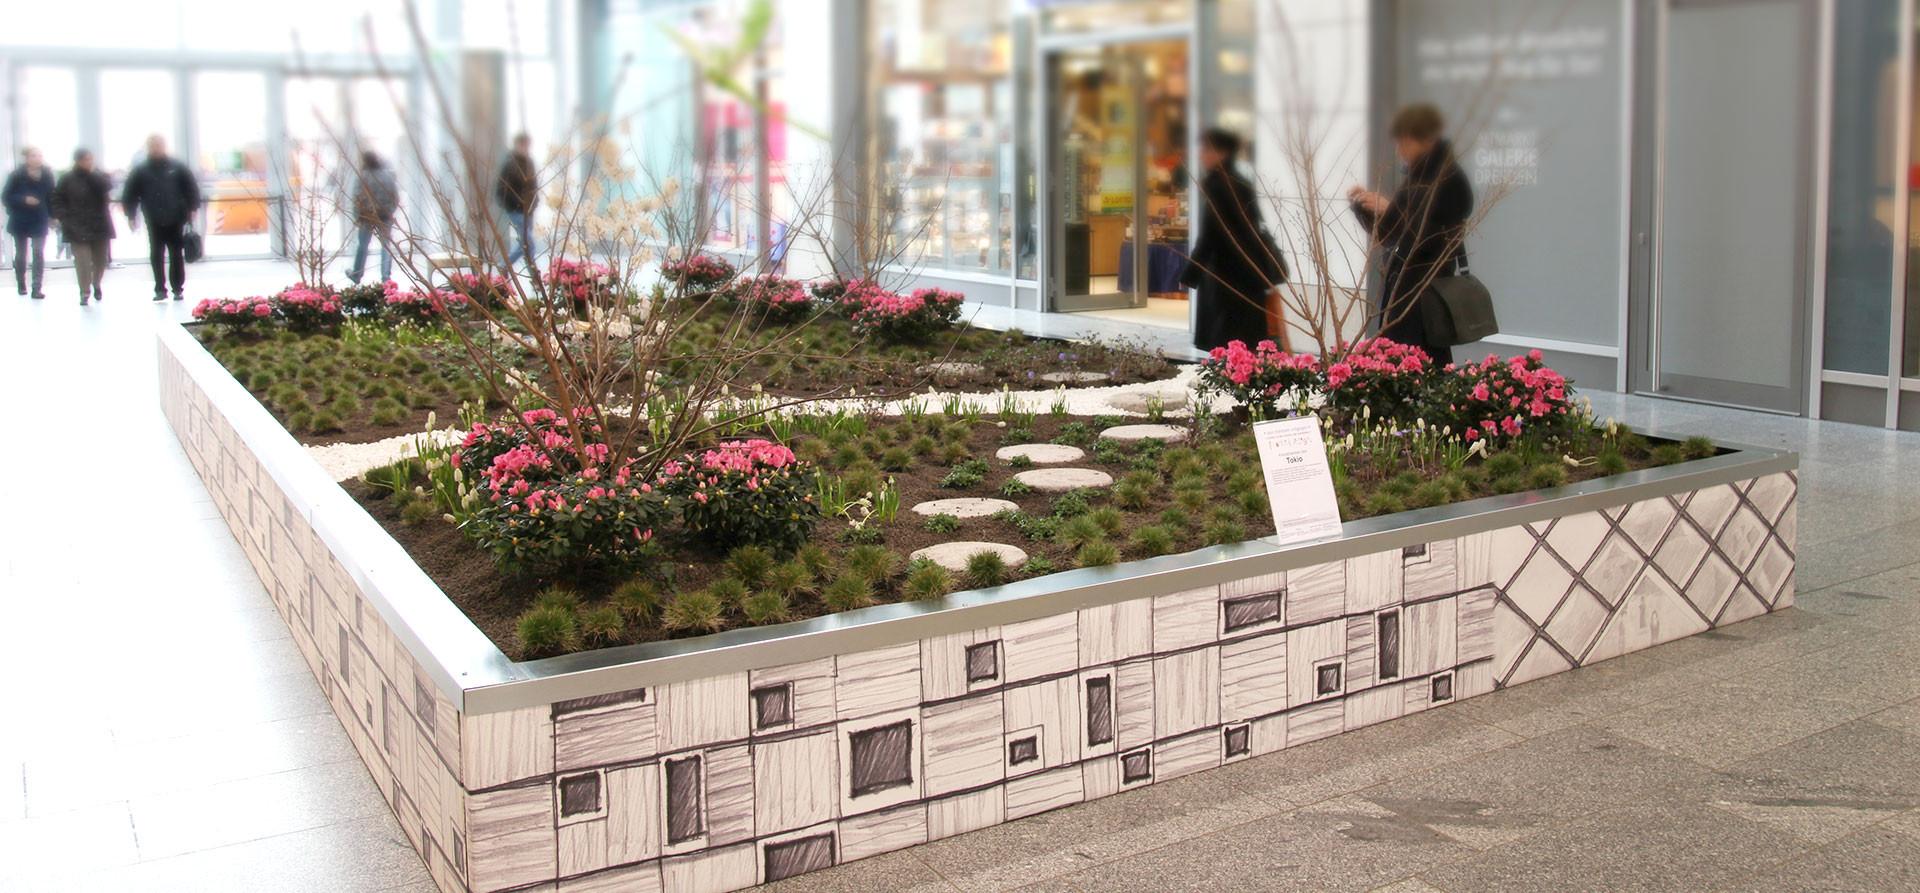 Einkaufscenter Dekoration Tokio